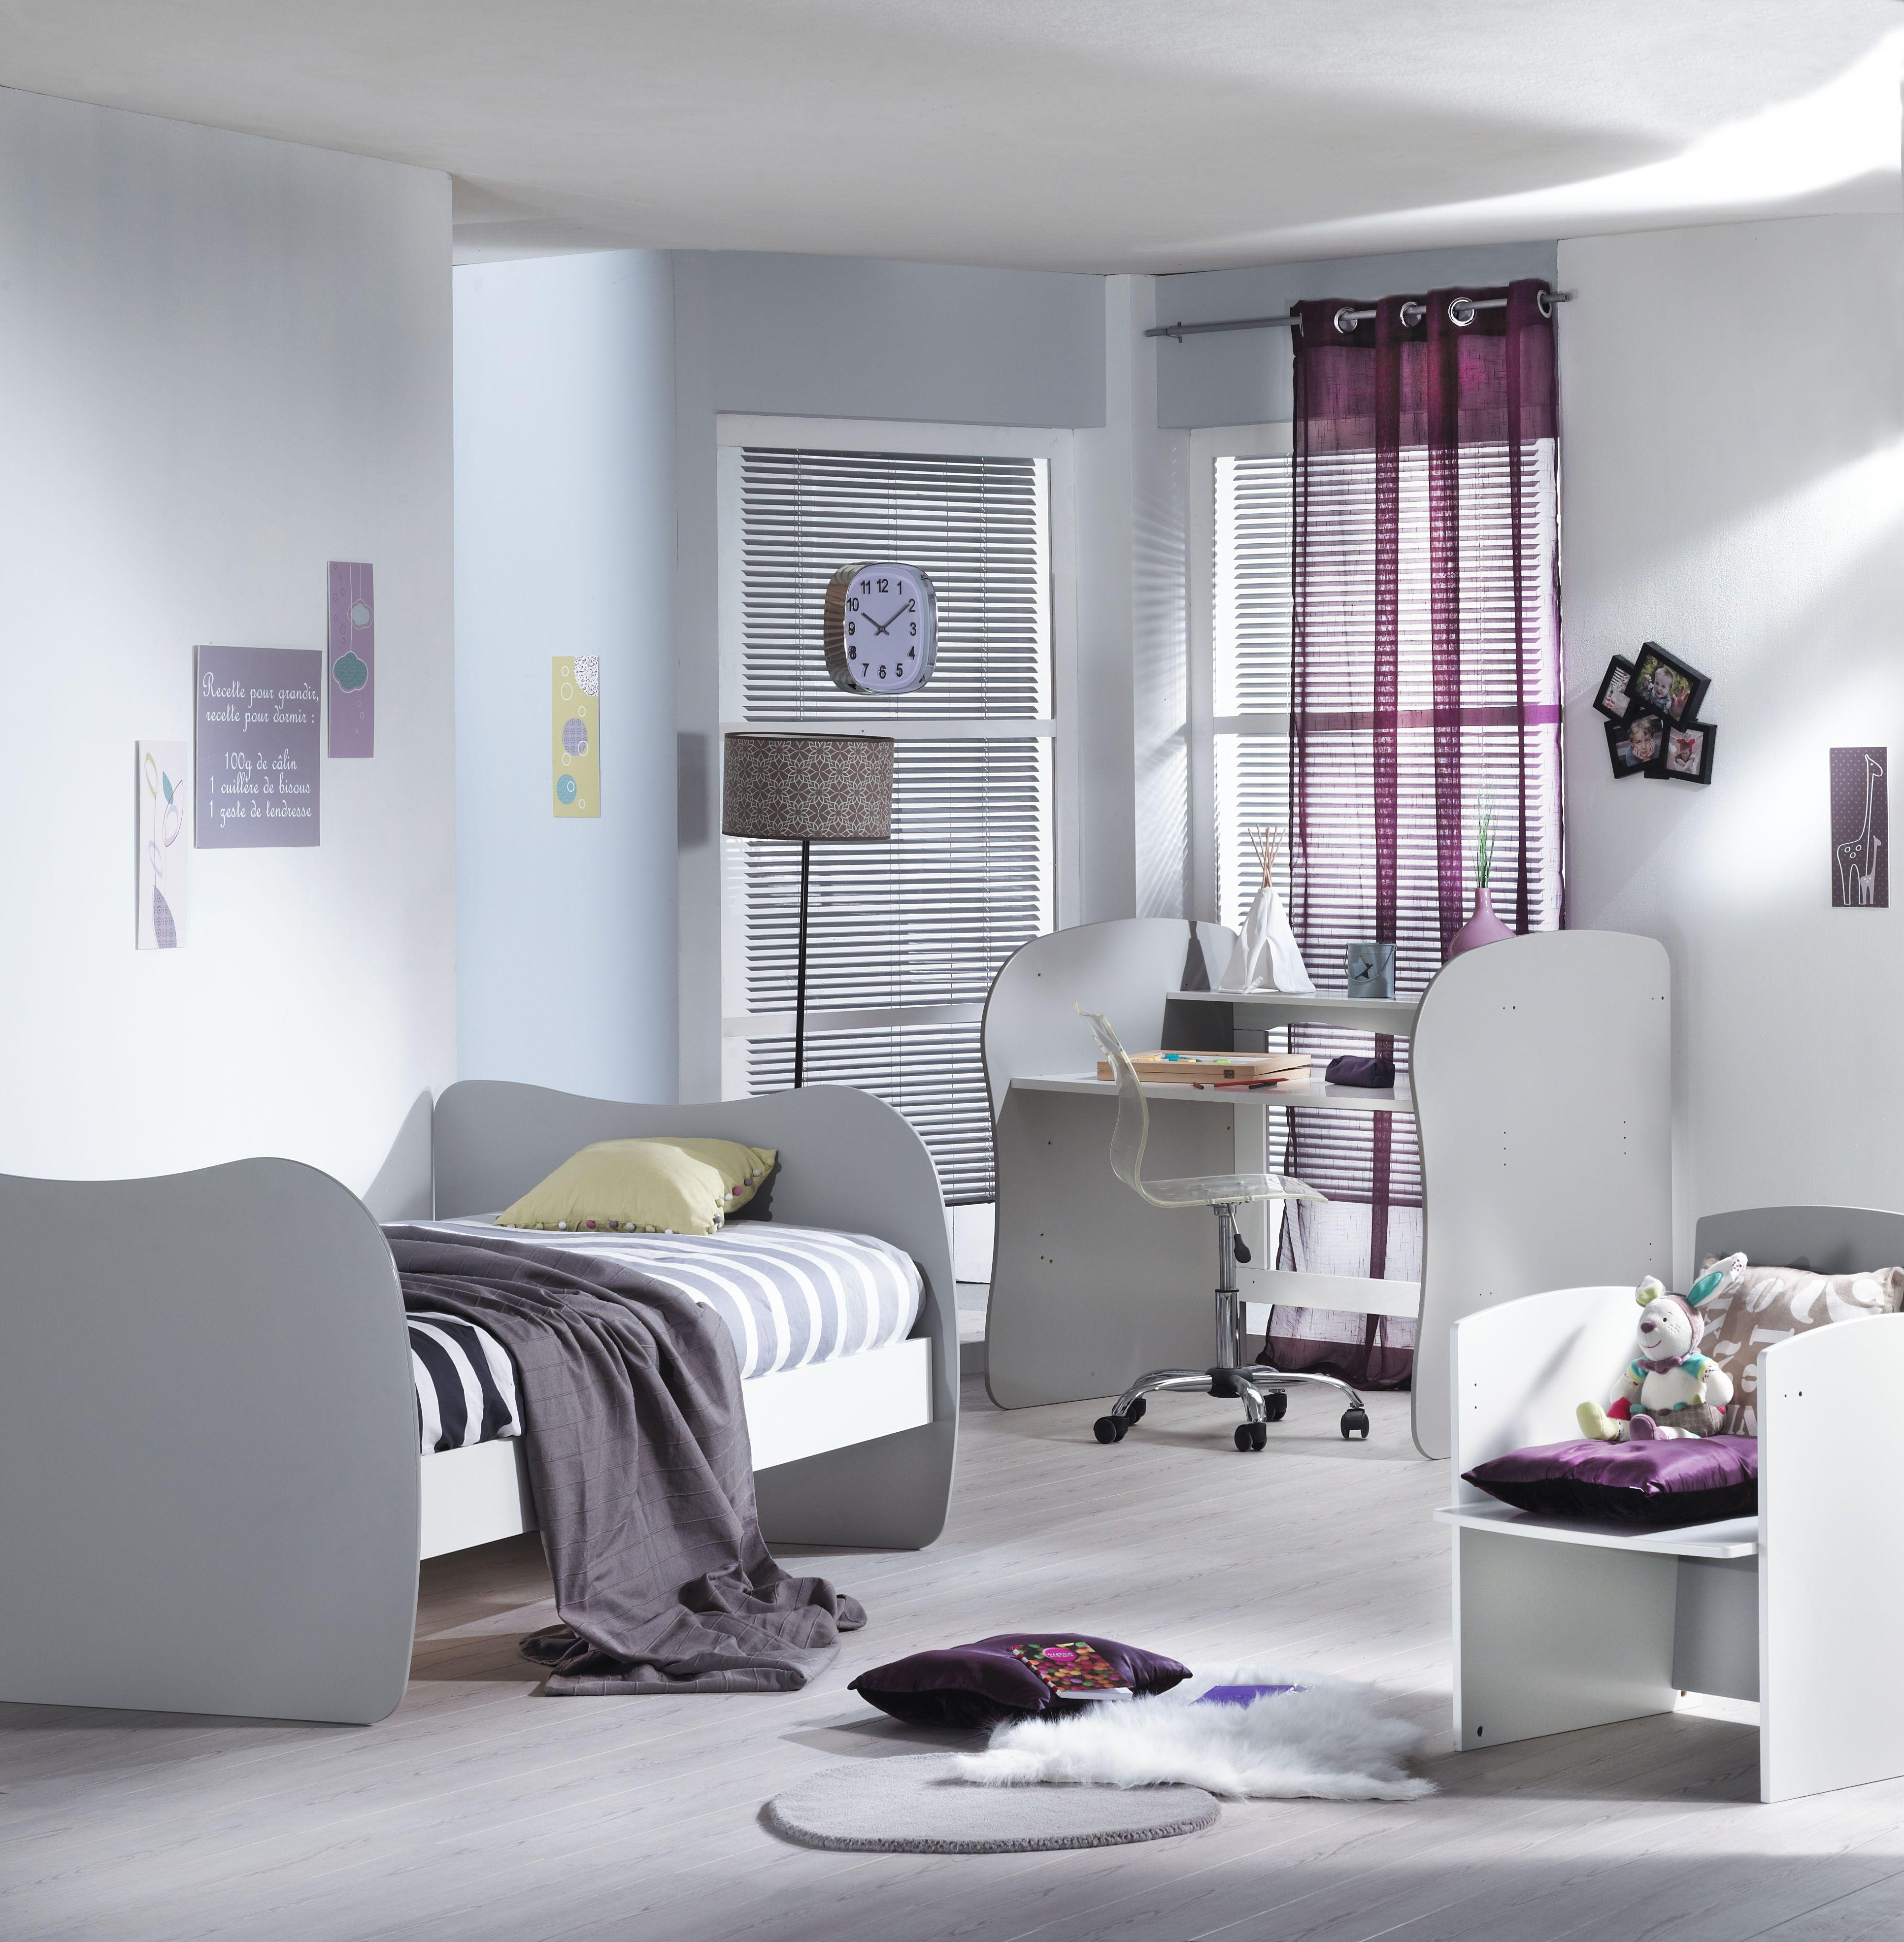 Sauthon C Est Aussi Des Chambres Junior Decouvrez Vite La Collection Pop Argile Tour De Lit Bebe Chambre Evolutive Chambre Junior